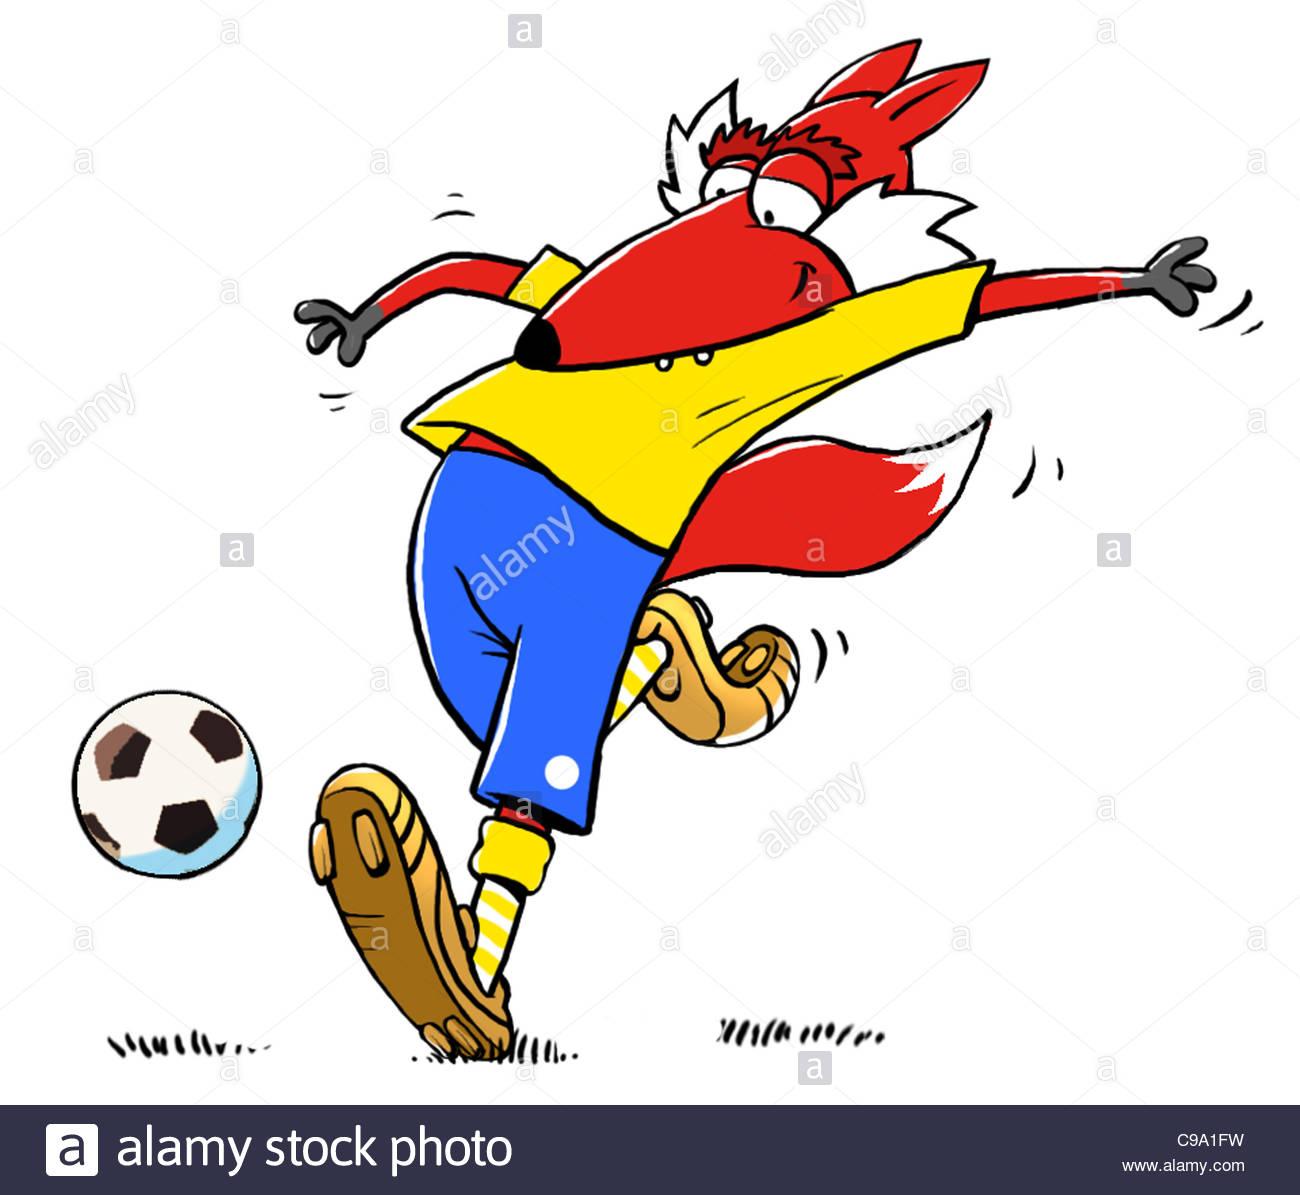 Soccer Fuchs shot grenade knackered clever tricky Droigk Soccer Footballs F - Stock Image